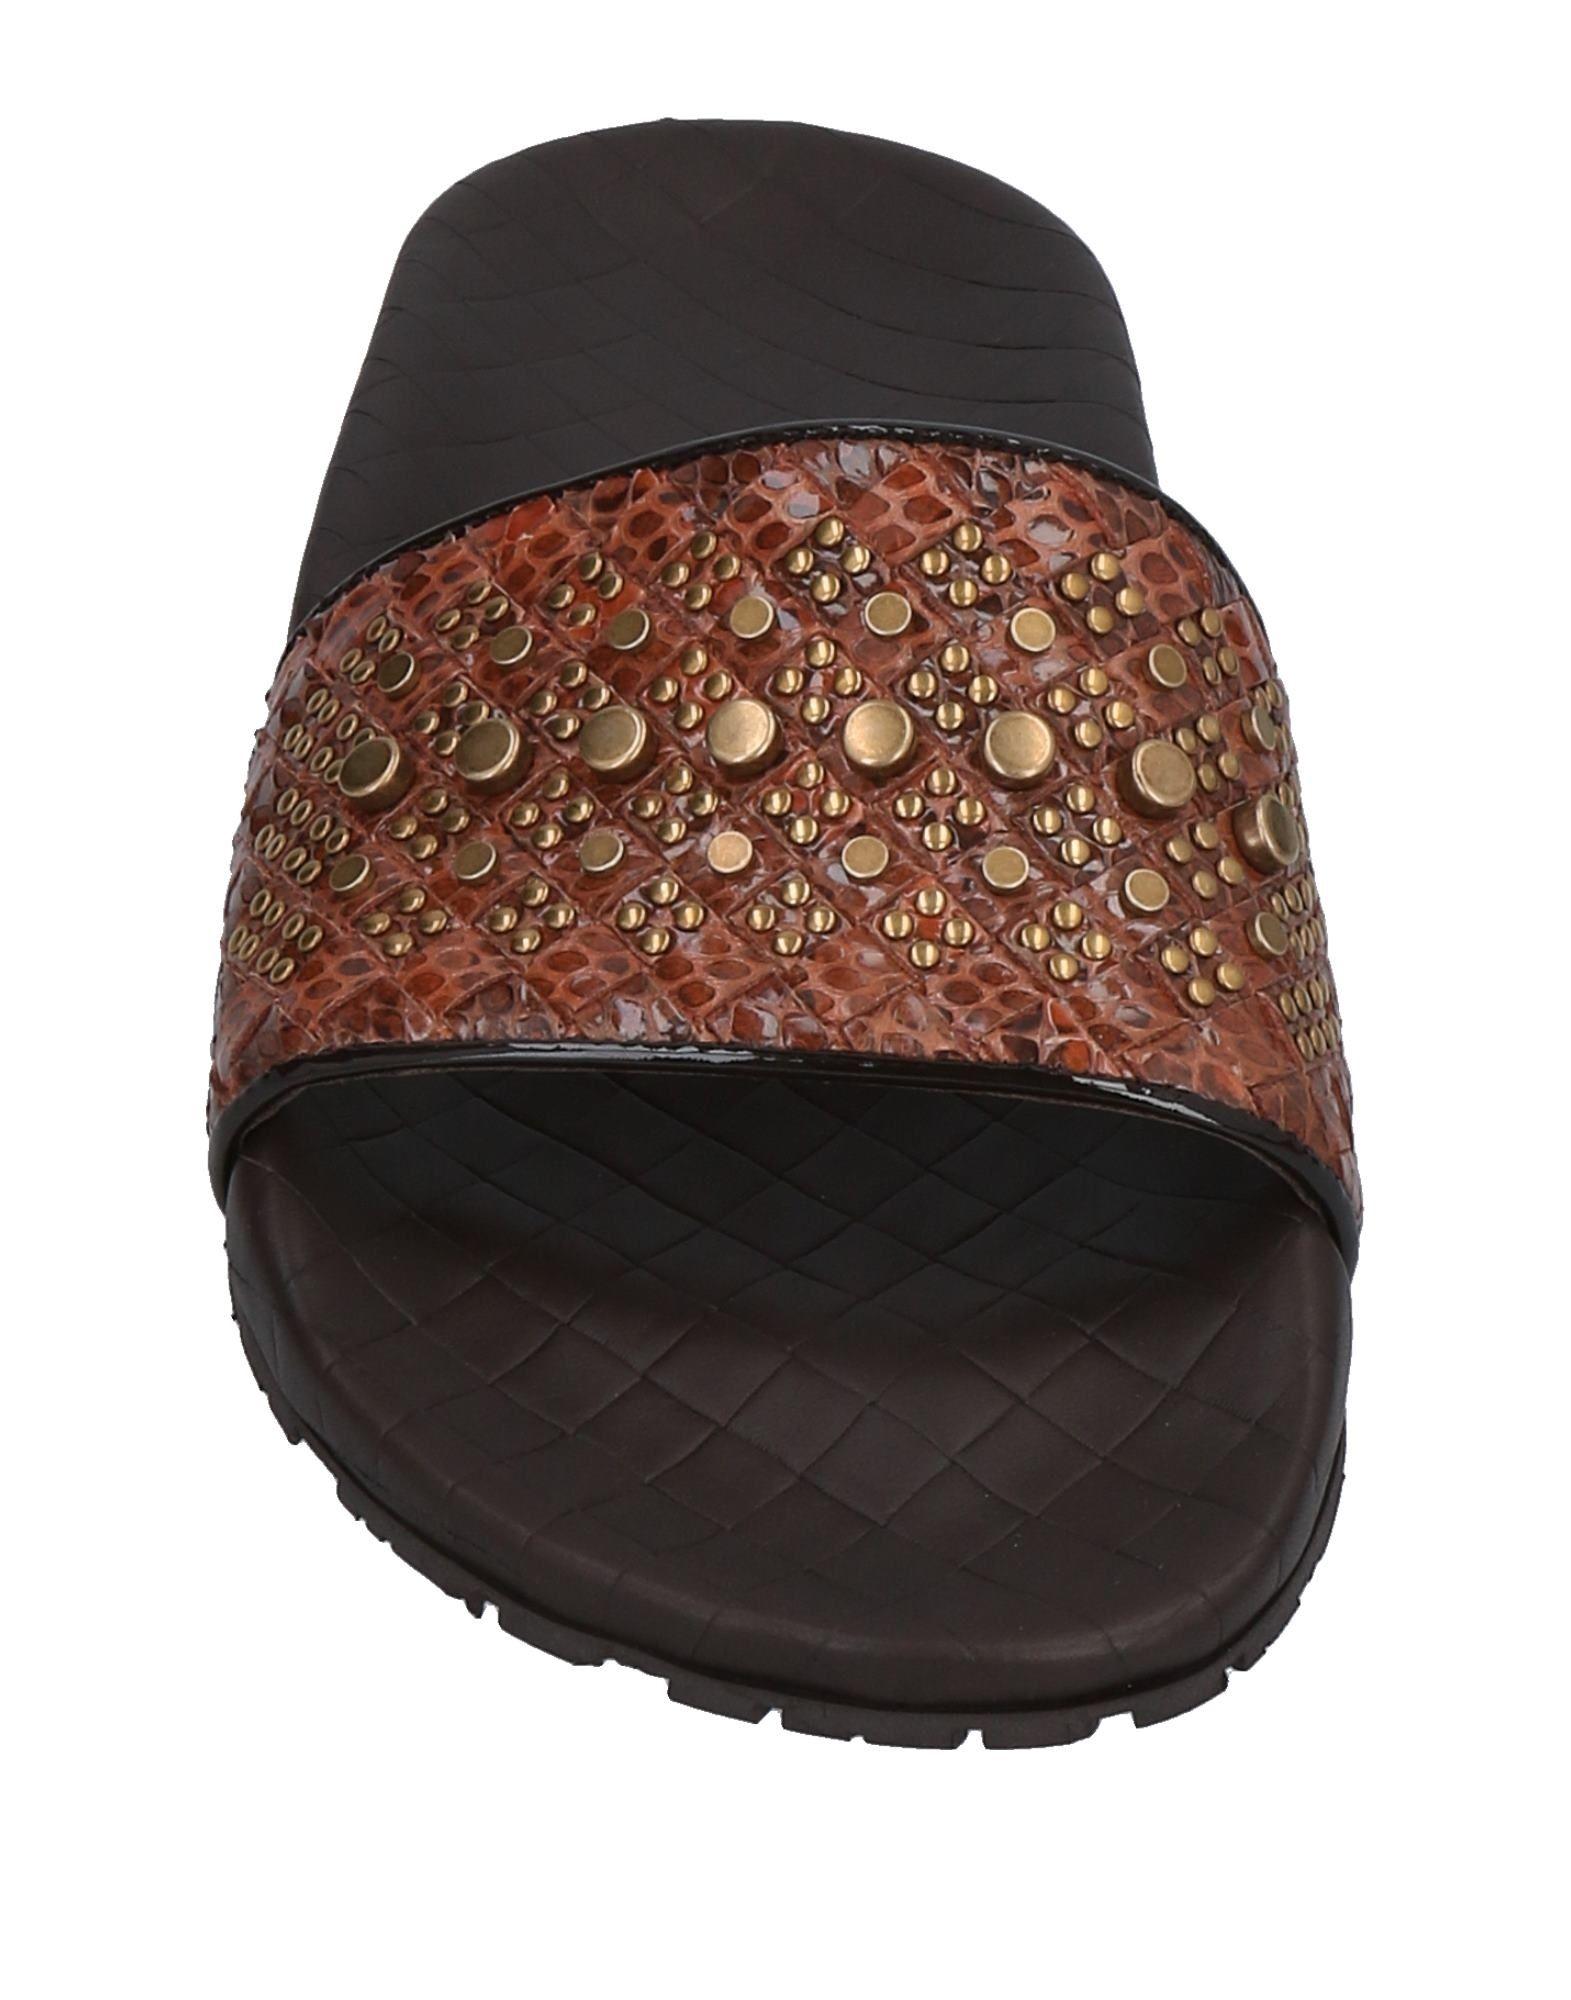 Bottega Veneta Sandalen Damen  11484948LOGünstige gut aussehende Schuhe